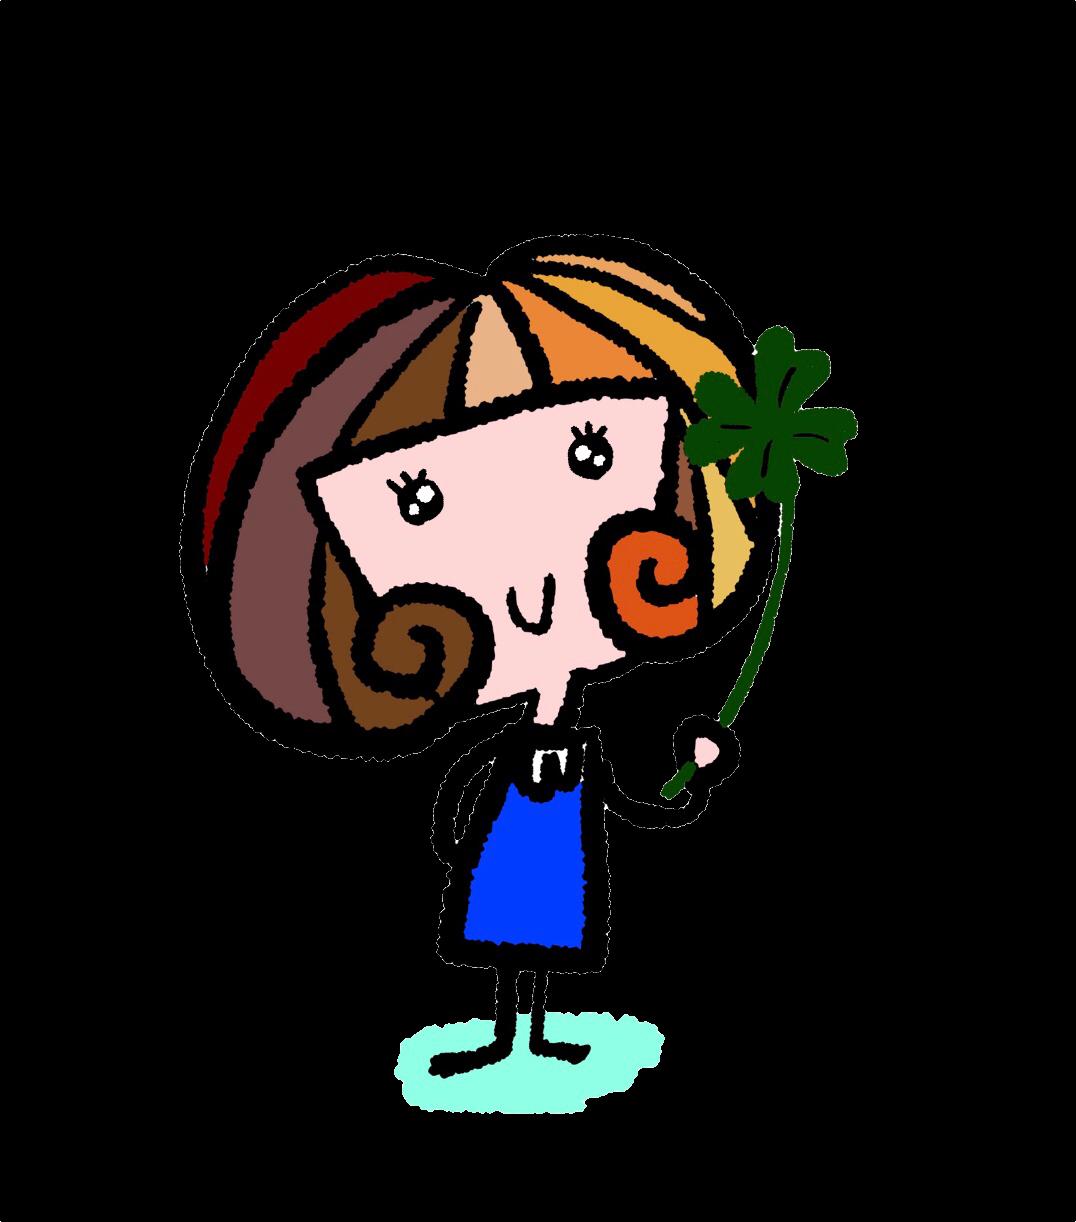 女の子と四つ葉のクローバーのイラスト